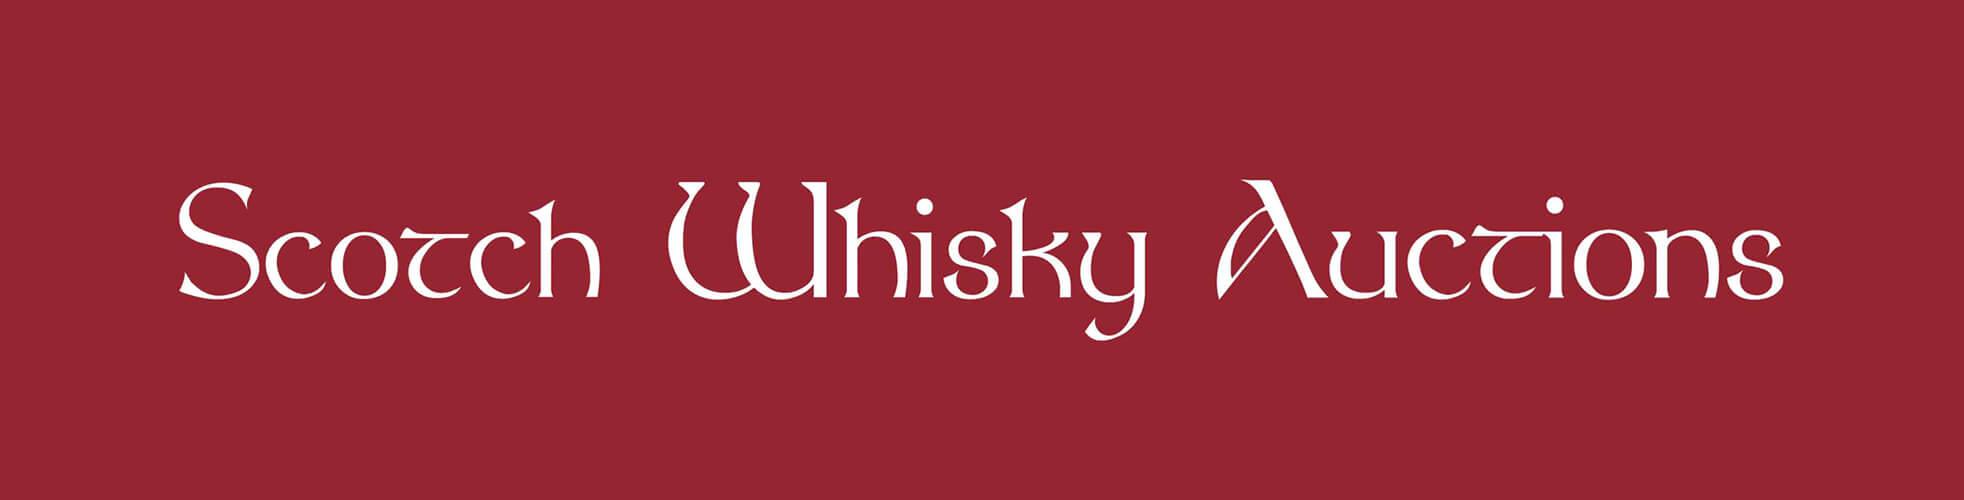 Scotch whisky logo